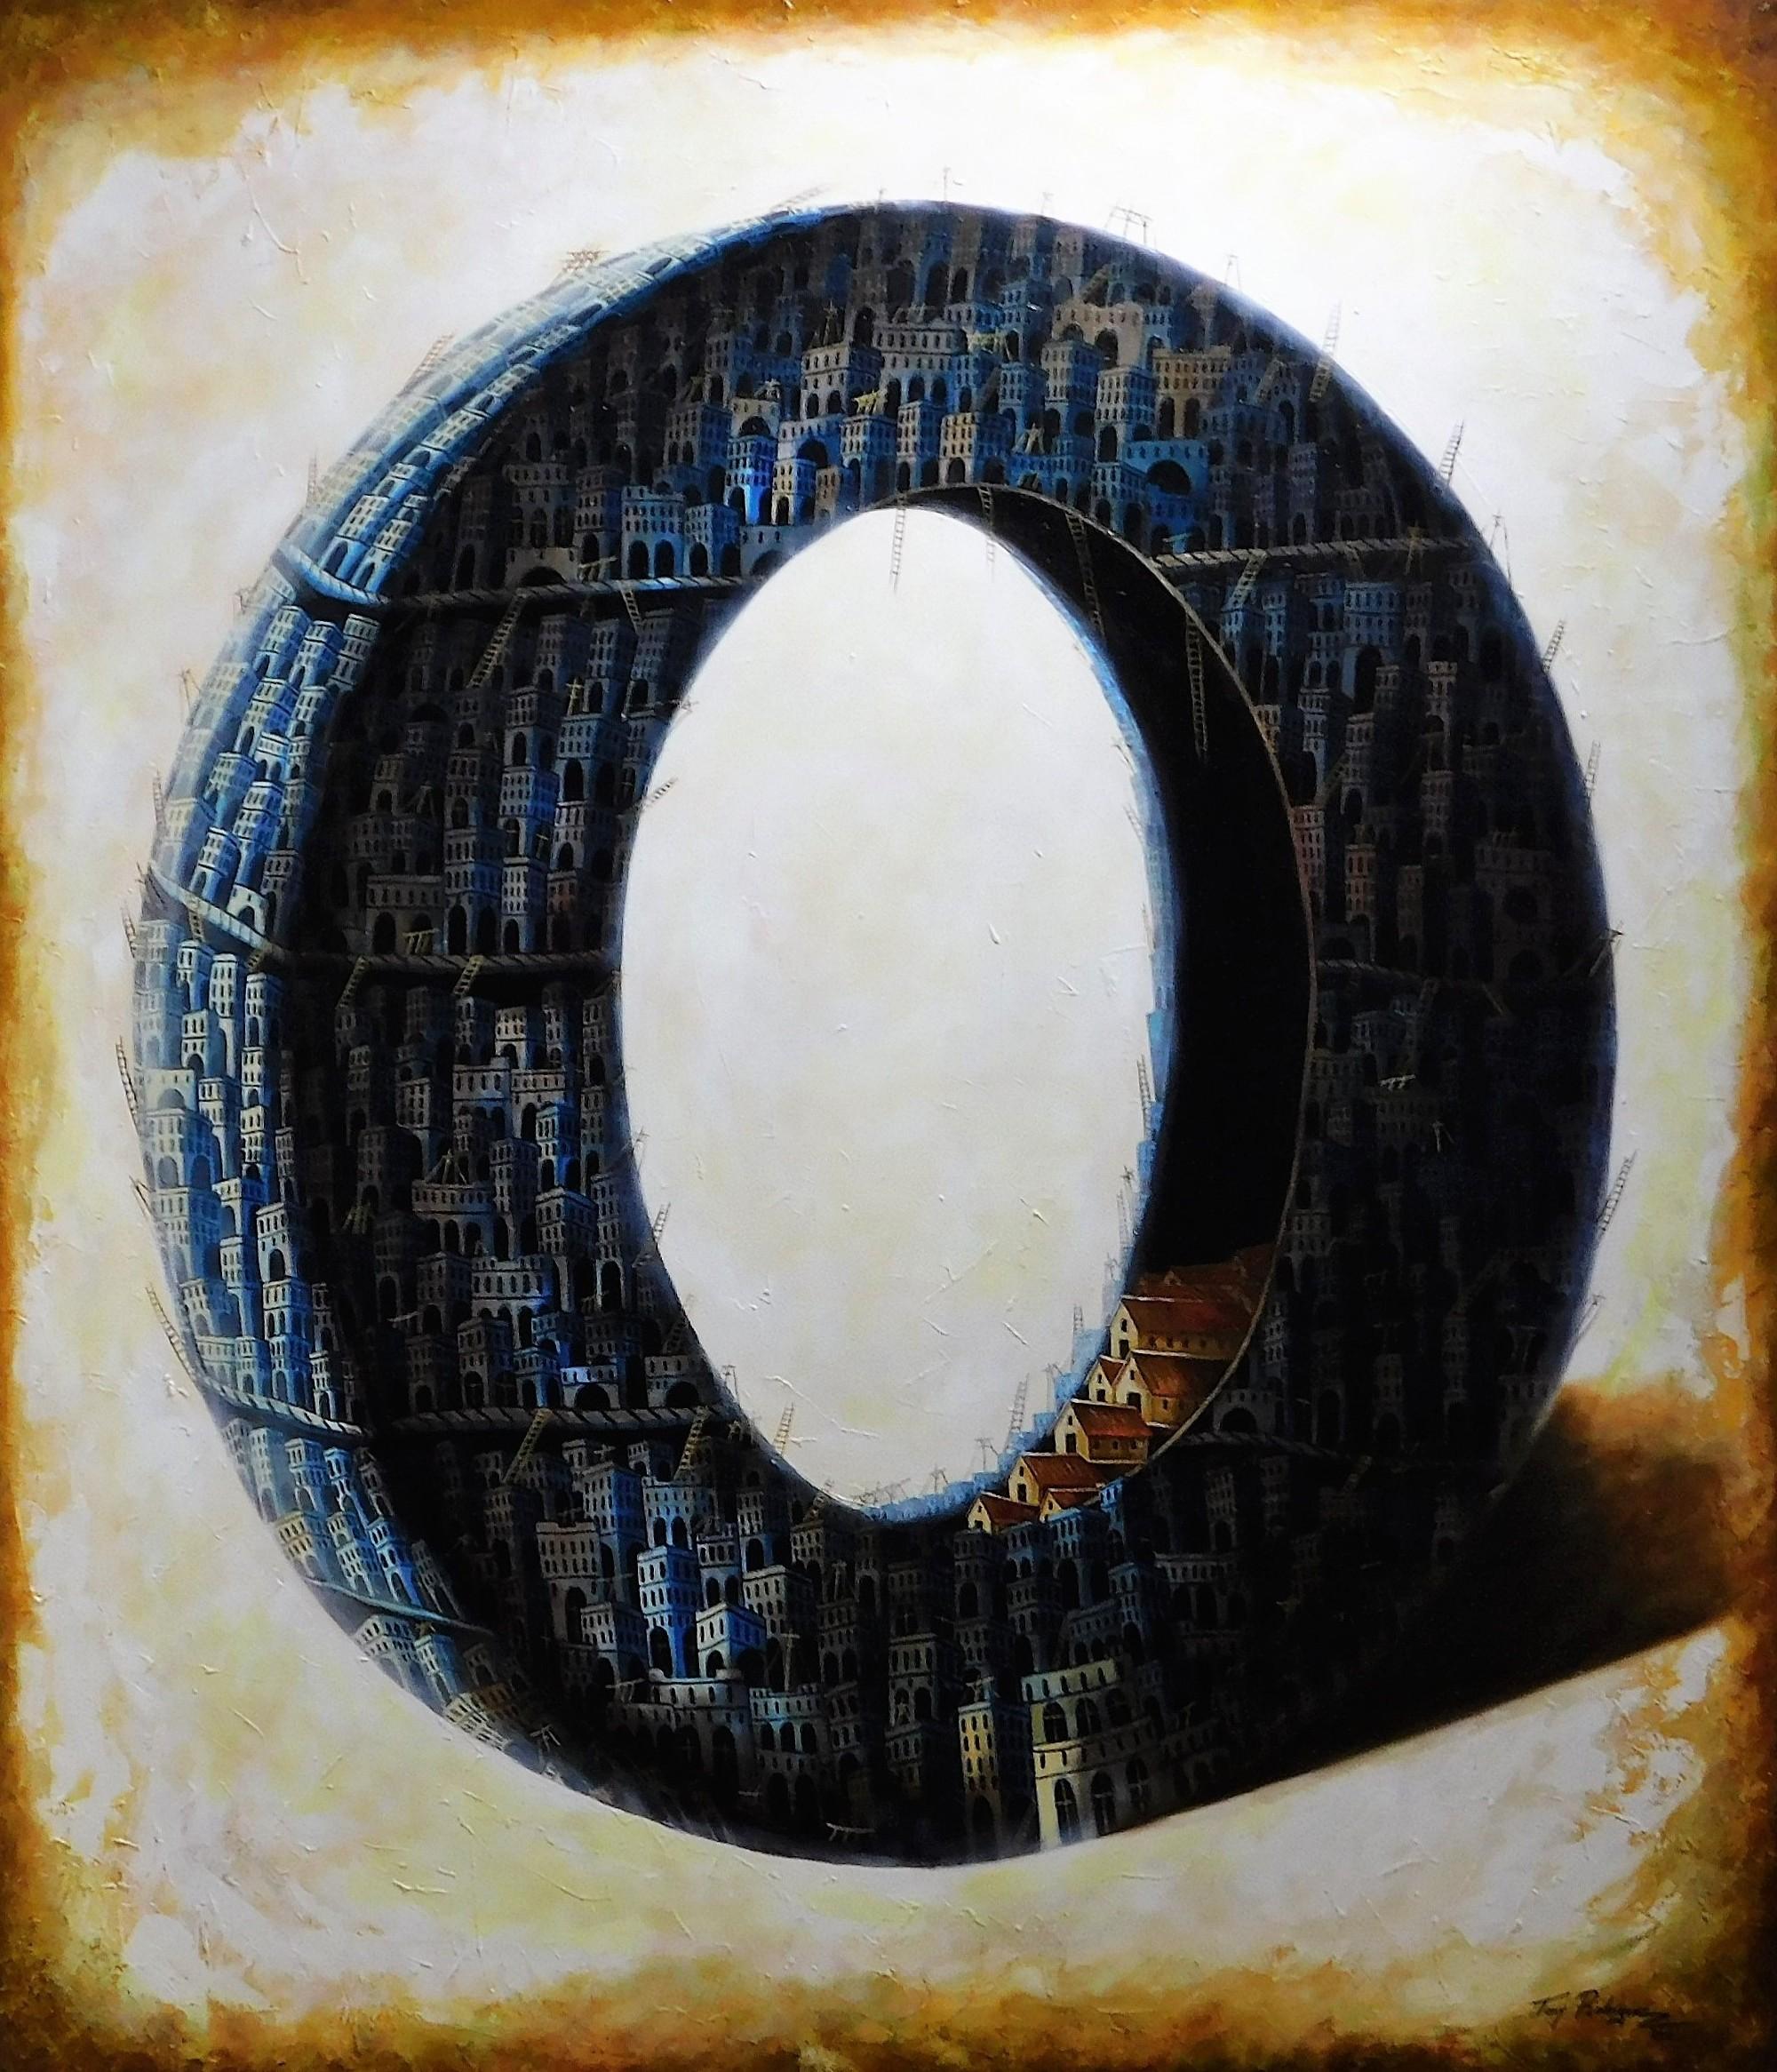 De la serie Que somos, de donde venimos, hacia donde vamos. (2016) - Juan Antonio Rodriguez Olivares - Tony Rodriguez